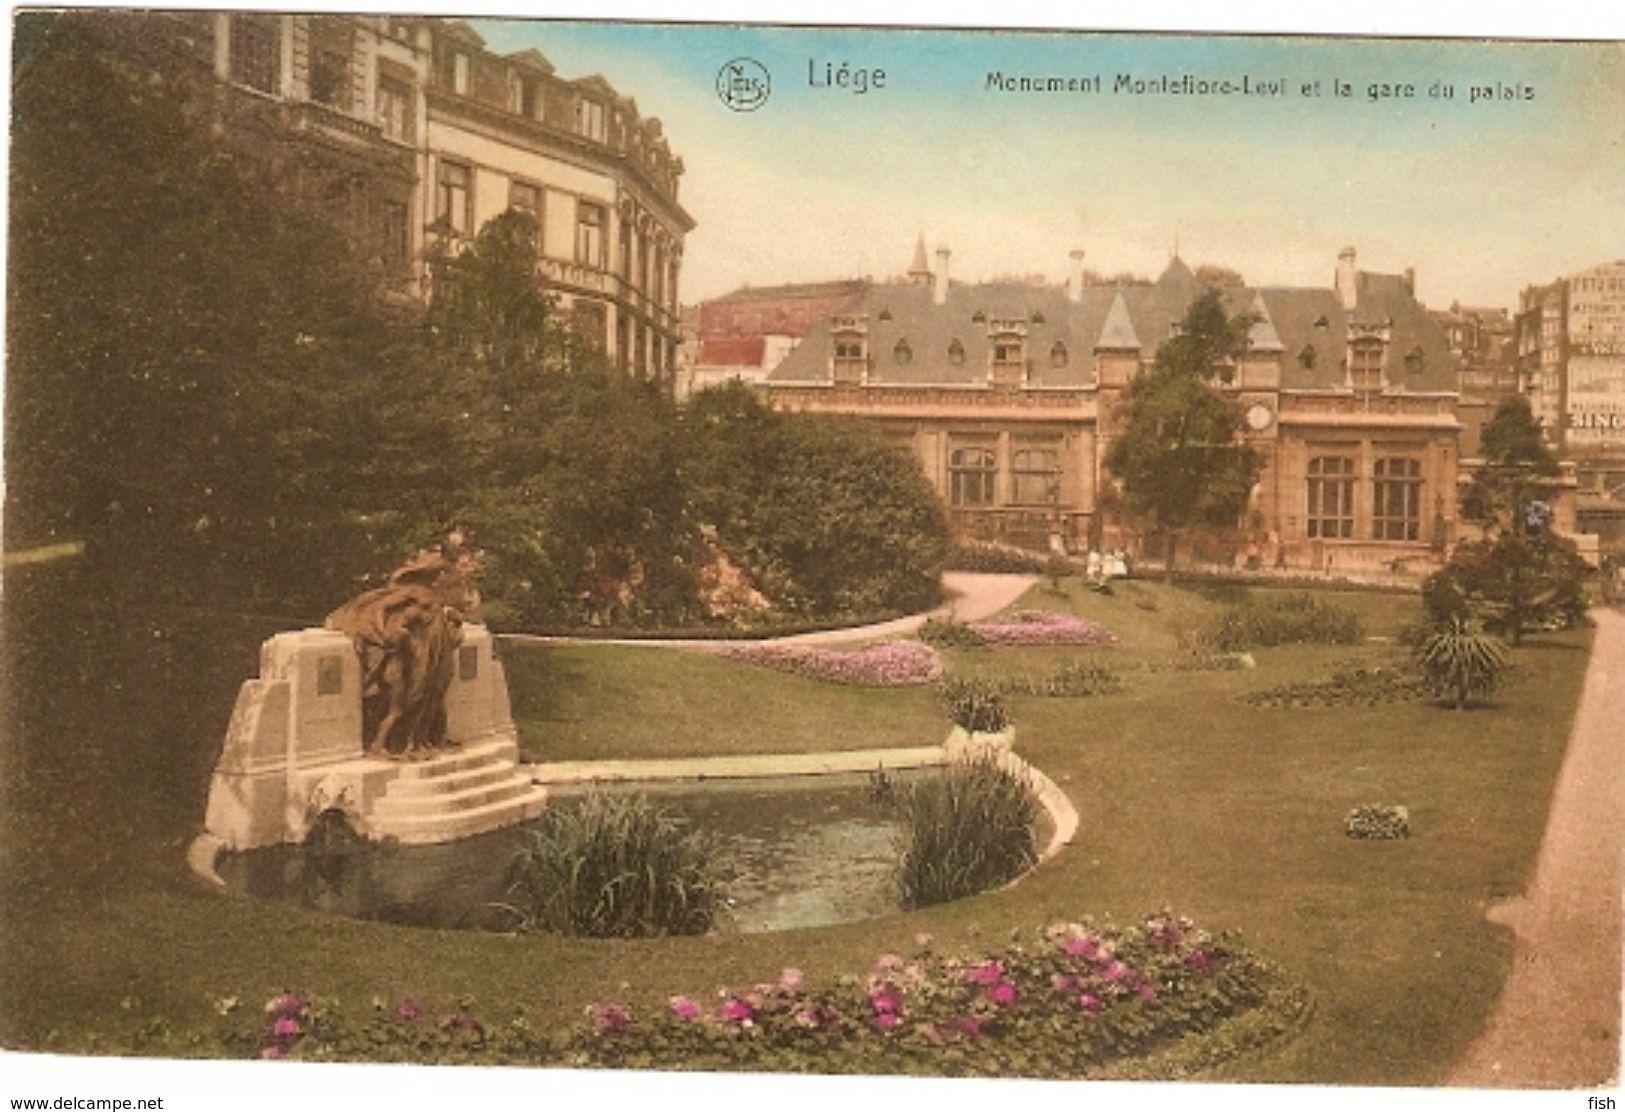 Belgium  & Circulated,  Resende Liége, Montfiore-Levi Et La Gare Du Palais (1913) - Monuments